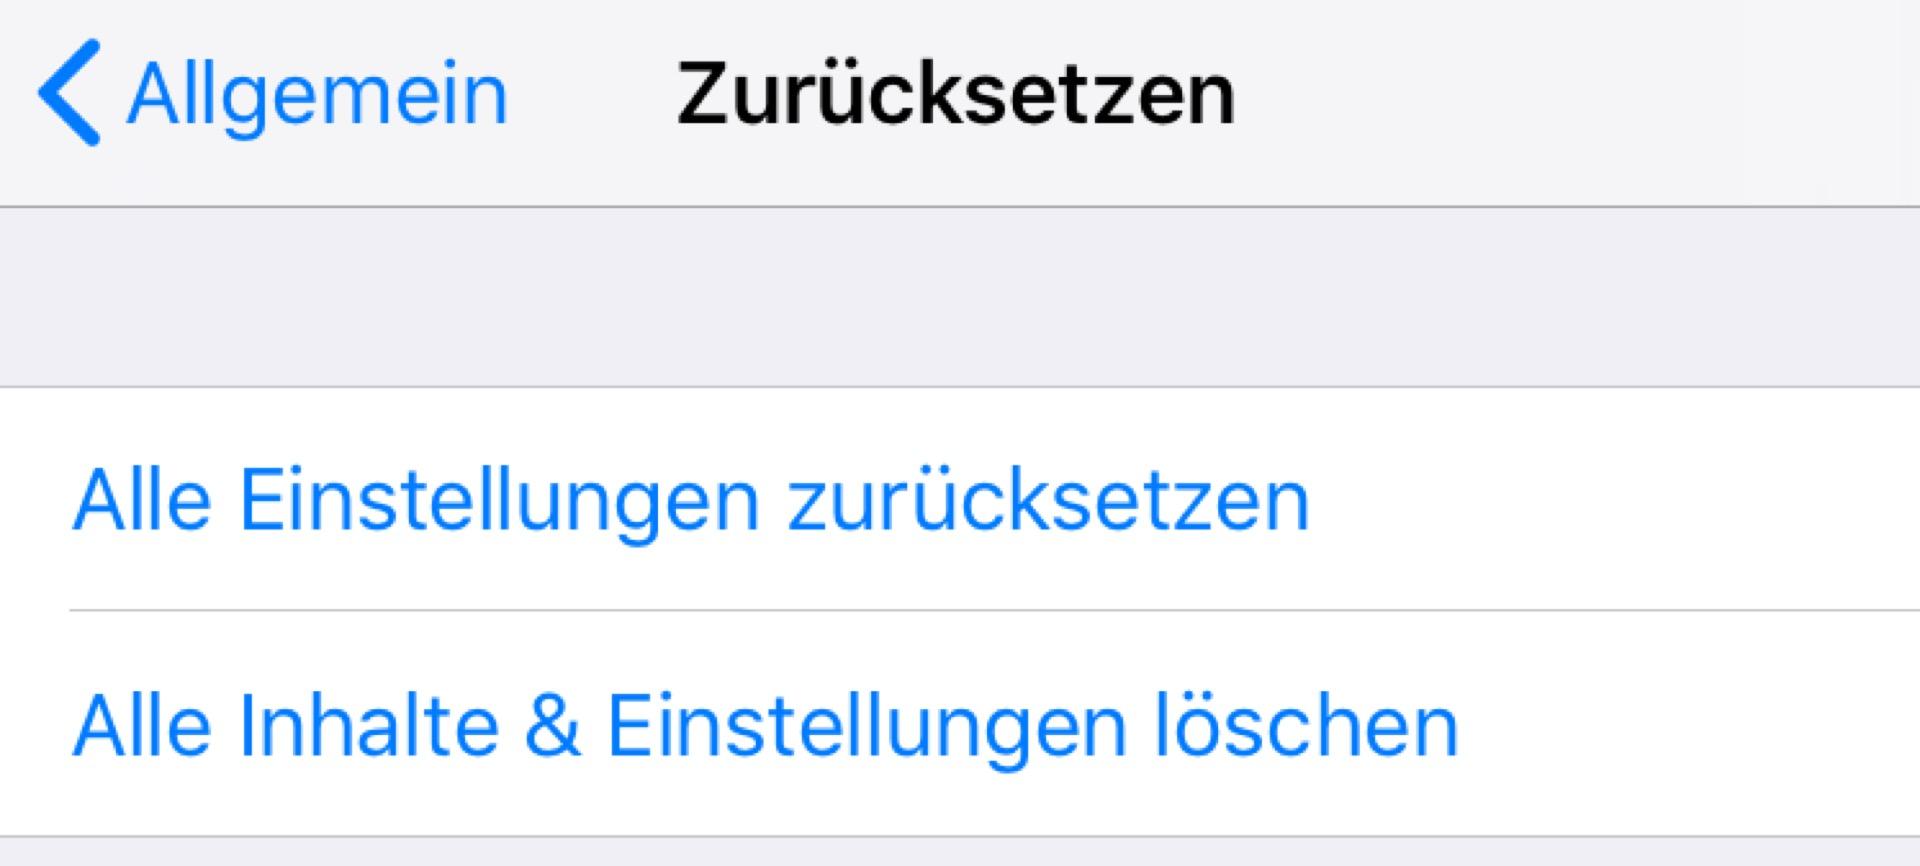 Zuguterletzt könnt Ihr das iPhone zurücksetzen.